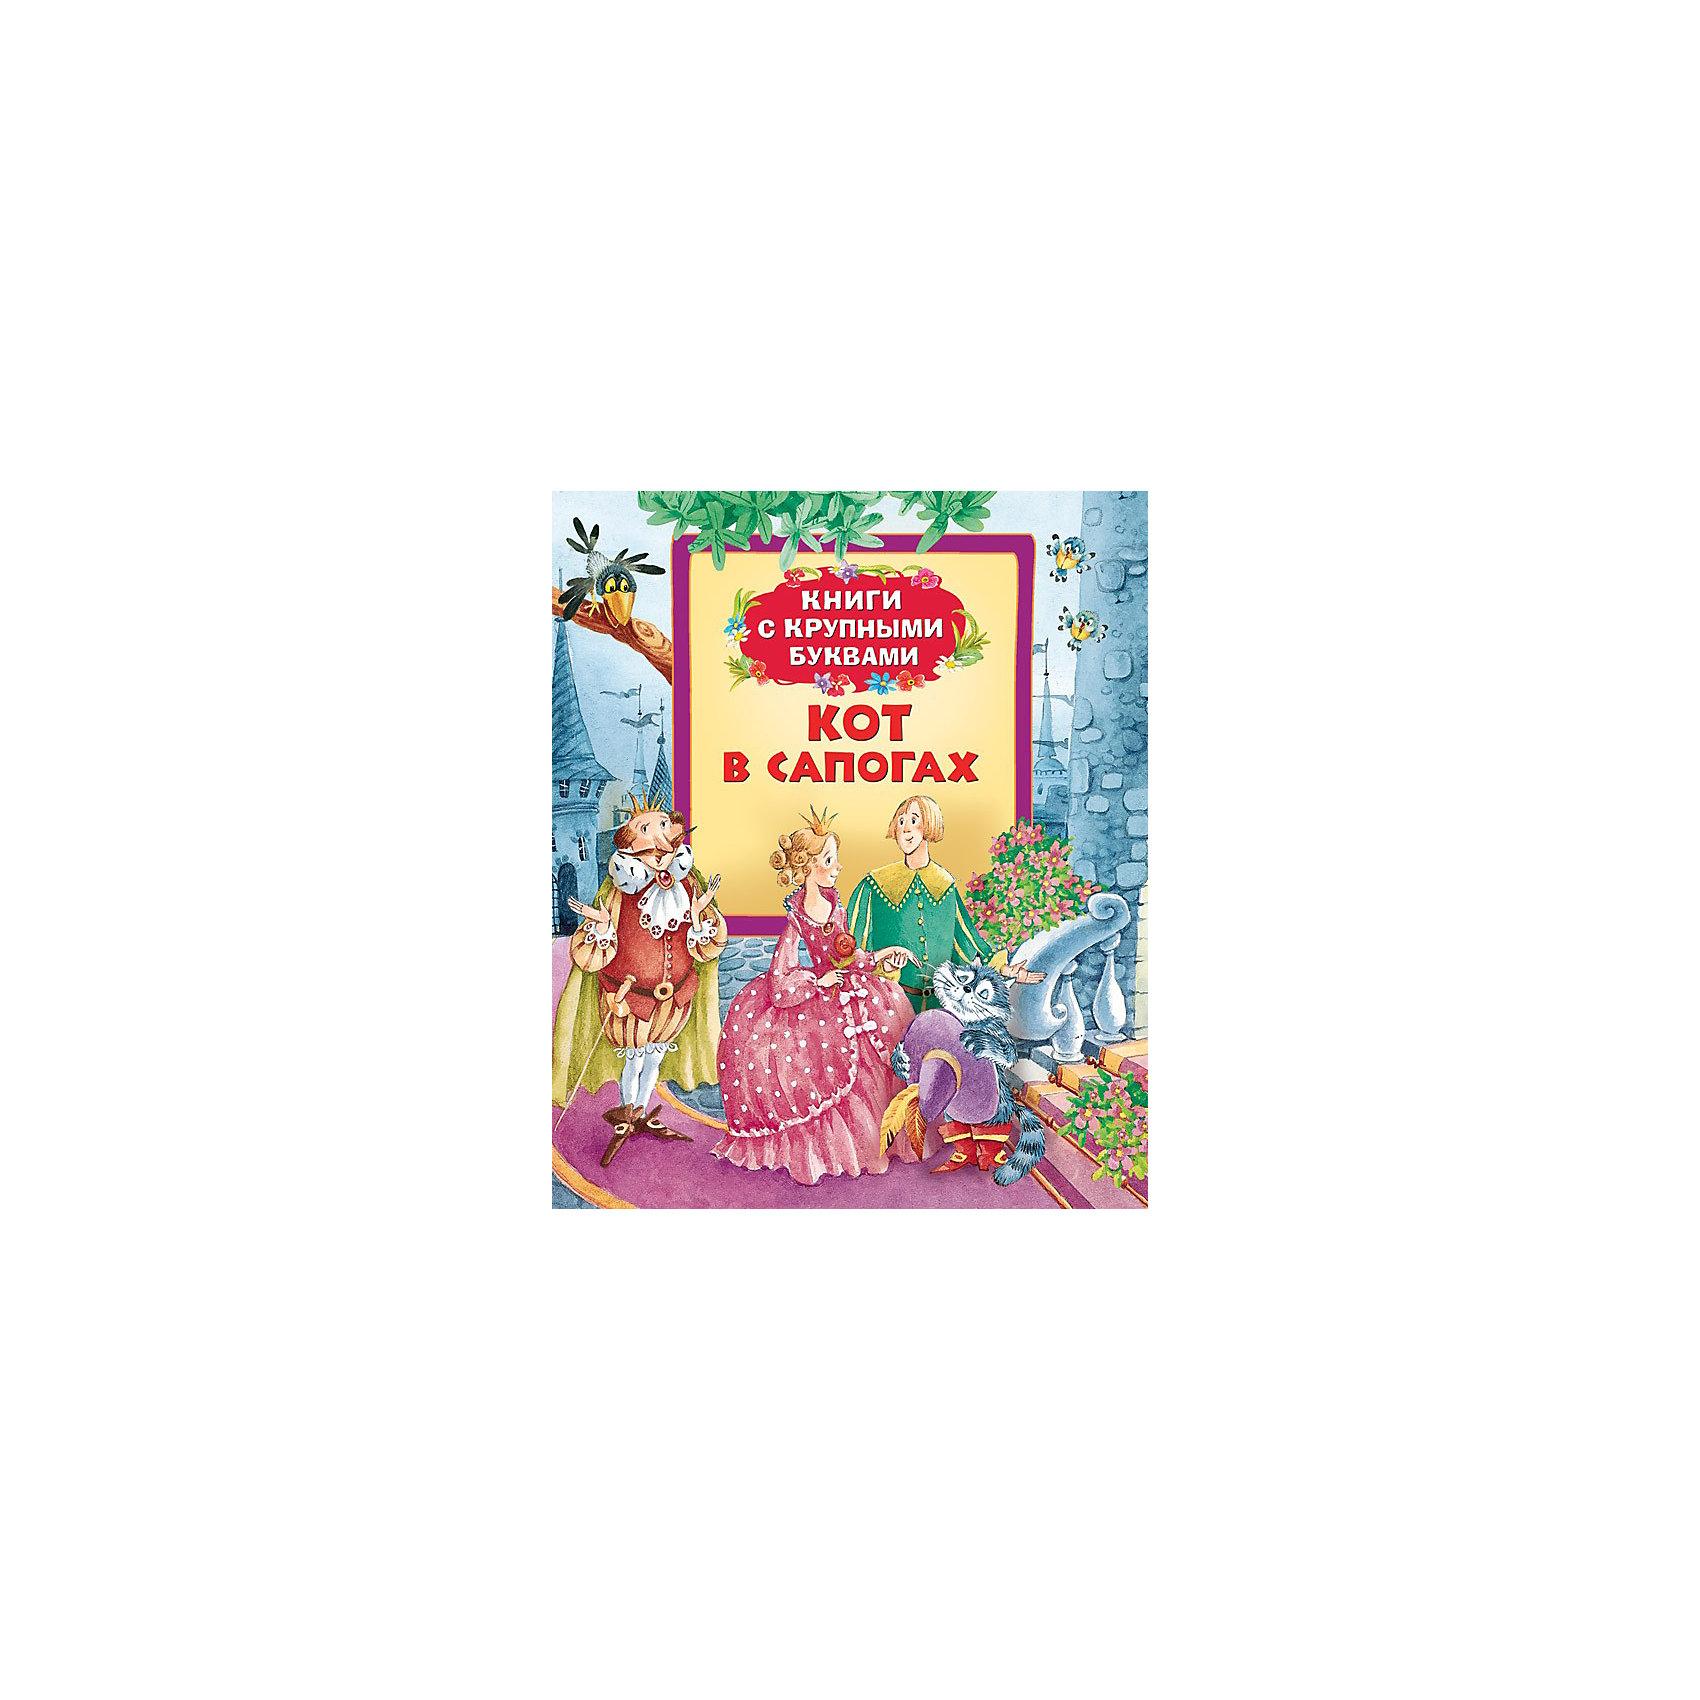 Книга с крупными буквами Кот в сапогах, Ш. ПерроЗарубежные сказки<br>Кот в сапогах, серия Книги с крупными буквами, Росмэн – эта книжка с крупными буквами, предназначена для самостоятельного чтения детьми.<br>Крупный шрифт и знакомые ребенку произведения, рекомендованные для первого чтения, научат малыша легко и быстро складывать слоги в слова, составлять предложения и понимать прочитанное. А большие красочные жизнерадостные иллюстрации на каждой странице помогут ребенку лучше понять текст и вызовут желание дочитать книжку до конца. Читая страницу за страницей, ребенок познакомится с сюжетом сказок и научится лучше читать. В сборник вошли самые известные произведения великих сказочников. Книга представлена сказками: Кот в сапогах, Гадкий утенок. <br><br>Дополнительная информация:<br><br>- Иллюстрации И. Якимовой, И. Зуева.<br>- Тип переплета (обложка): твердая<br>- Размер: 198 x 235 мм.<br>- Количество страниц: 32<br>- Иллюстрации: цветные<br><br>Книгу «Кот в сапогах», серия Книги с крупными буквами, Росмэн можно купить в нашем интернет-магазине.<br><br>Ширина мм: 240<br>Глубина мм: 205<br>Высота мм: 7<br>Вес г: 270<br>Возраст от месяцев: 36<br>Возраст до месяцев: 84<br>Пол: Унисекс<br>Возраст: Детский<br>SKU: 3633661